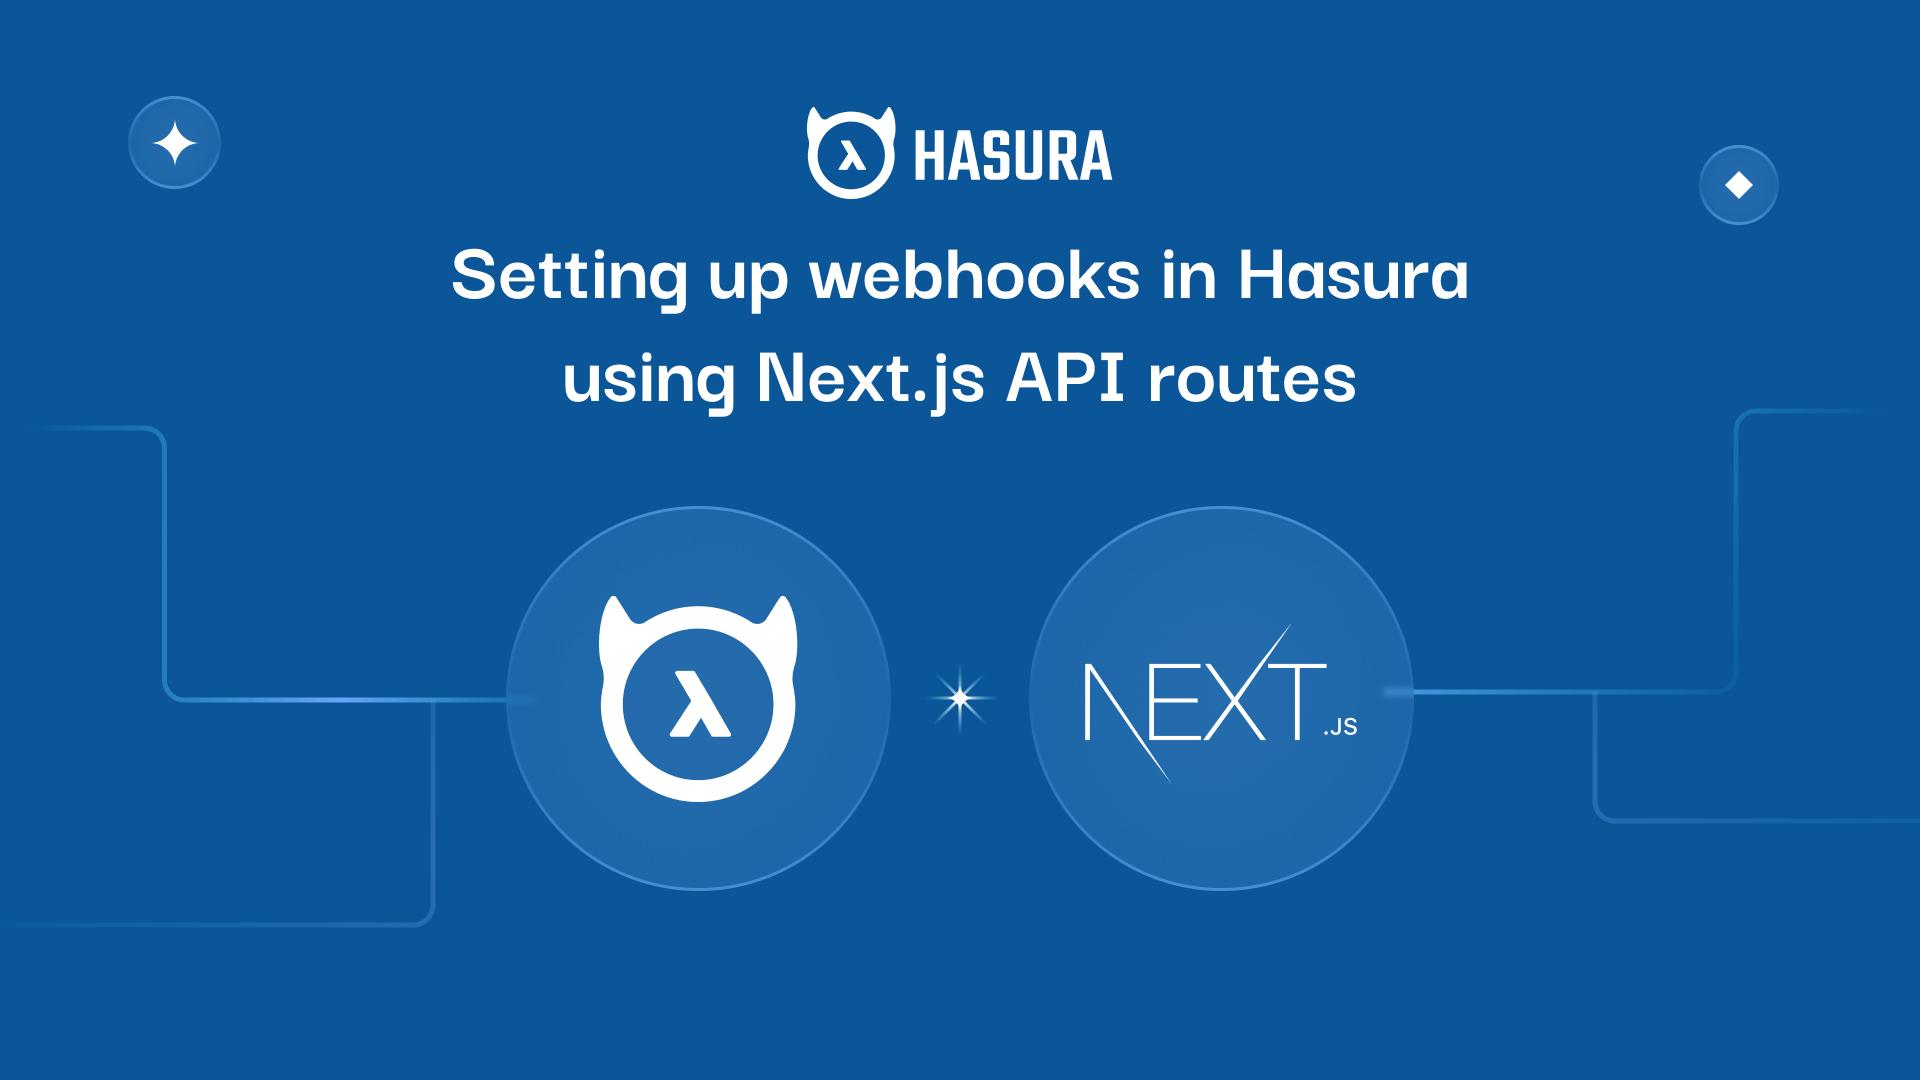 Setting up webhooks in Hasura using Next.js API routes